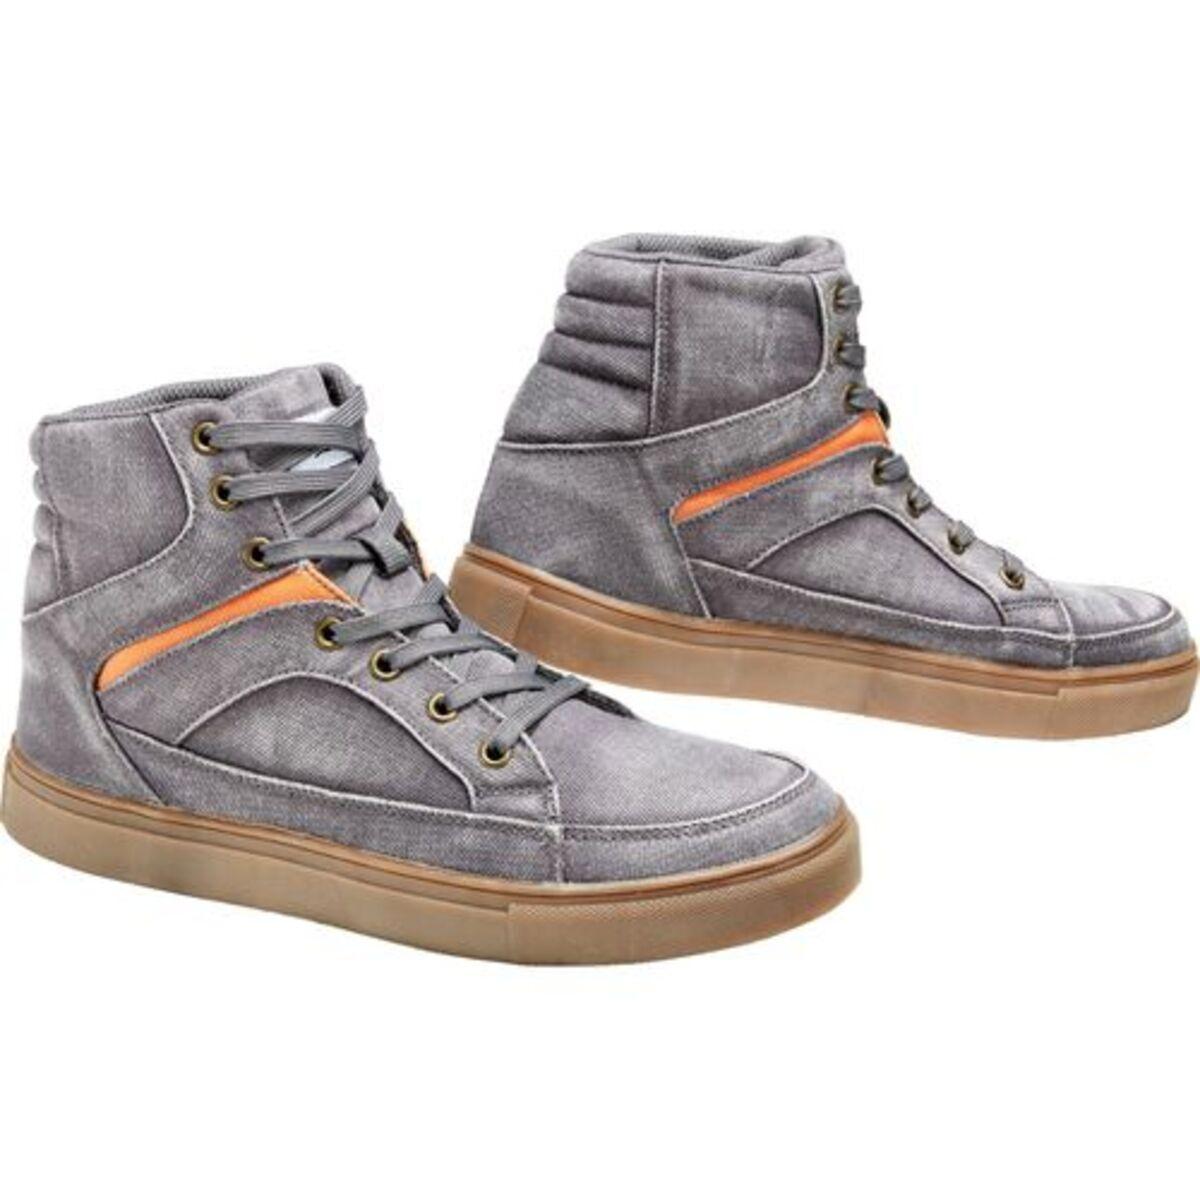 Bild 4 von FLM            Canvas Sneaker grau